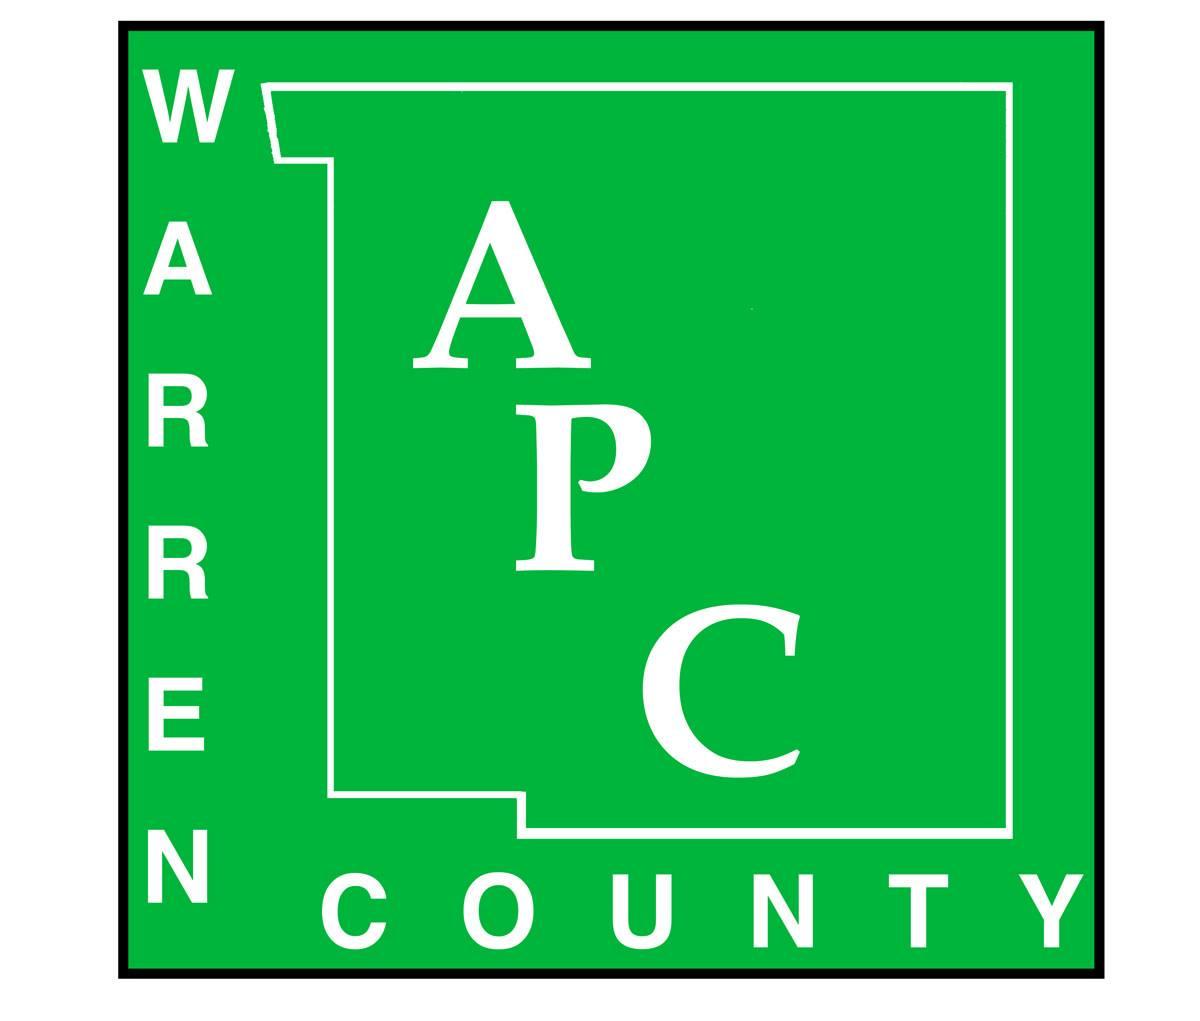 Area Progress Council